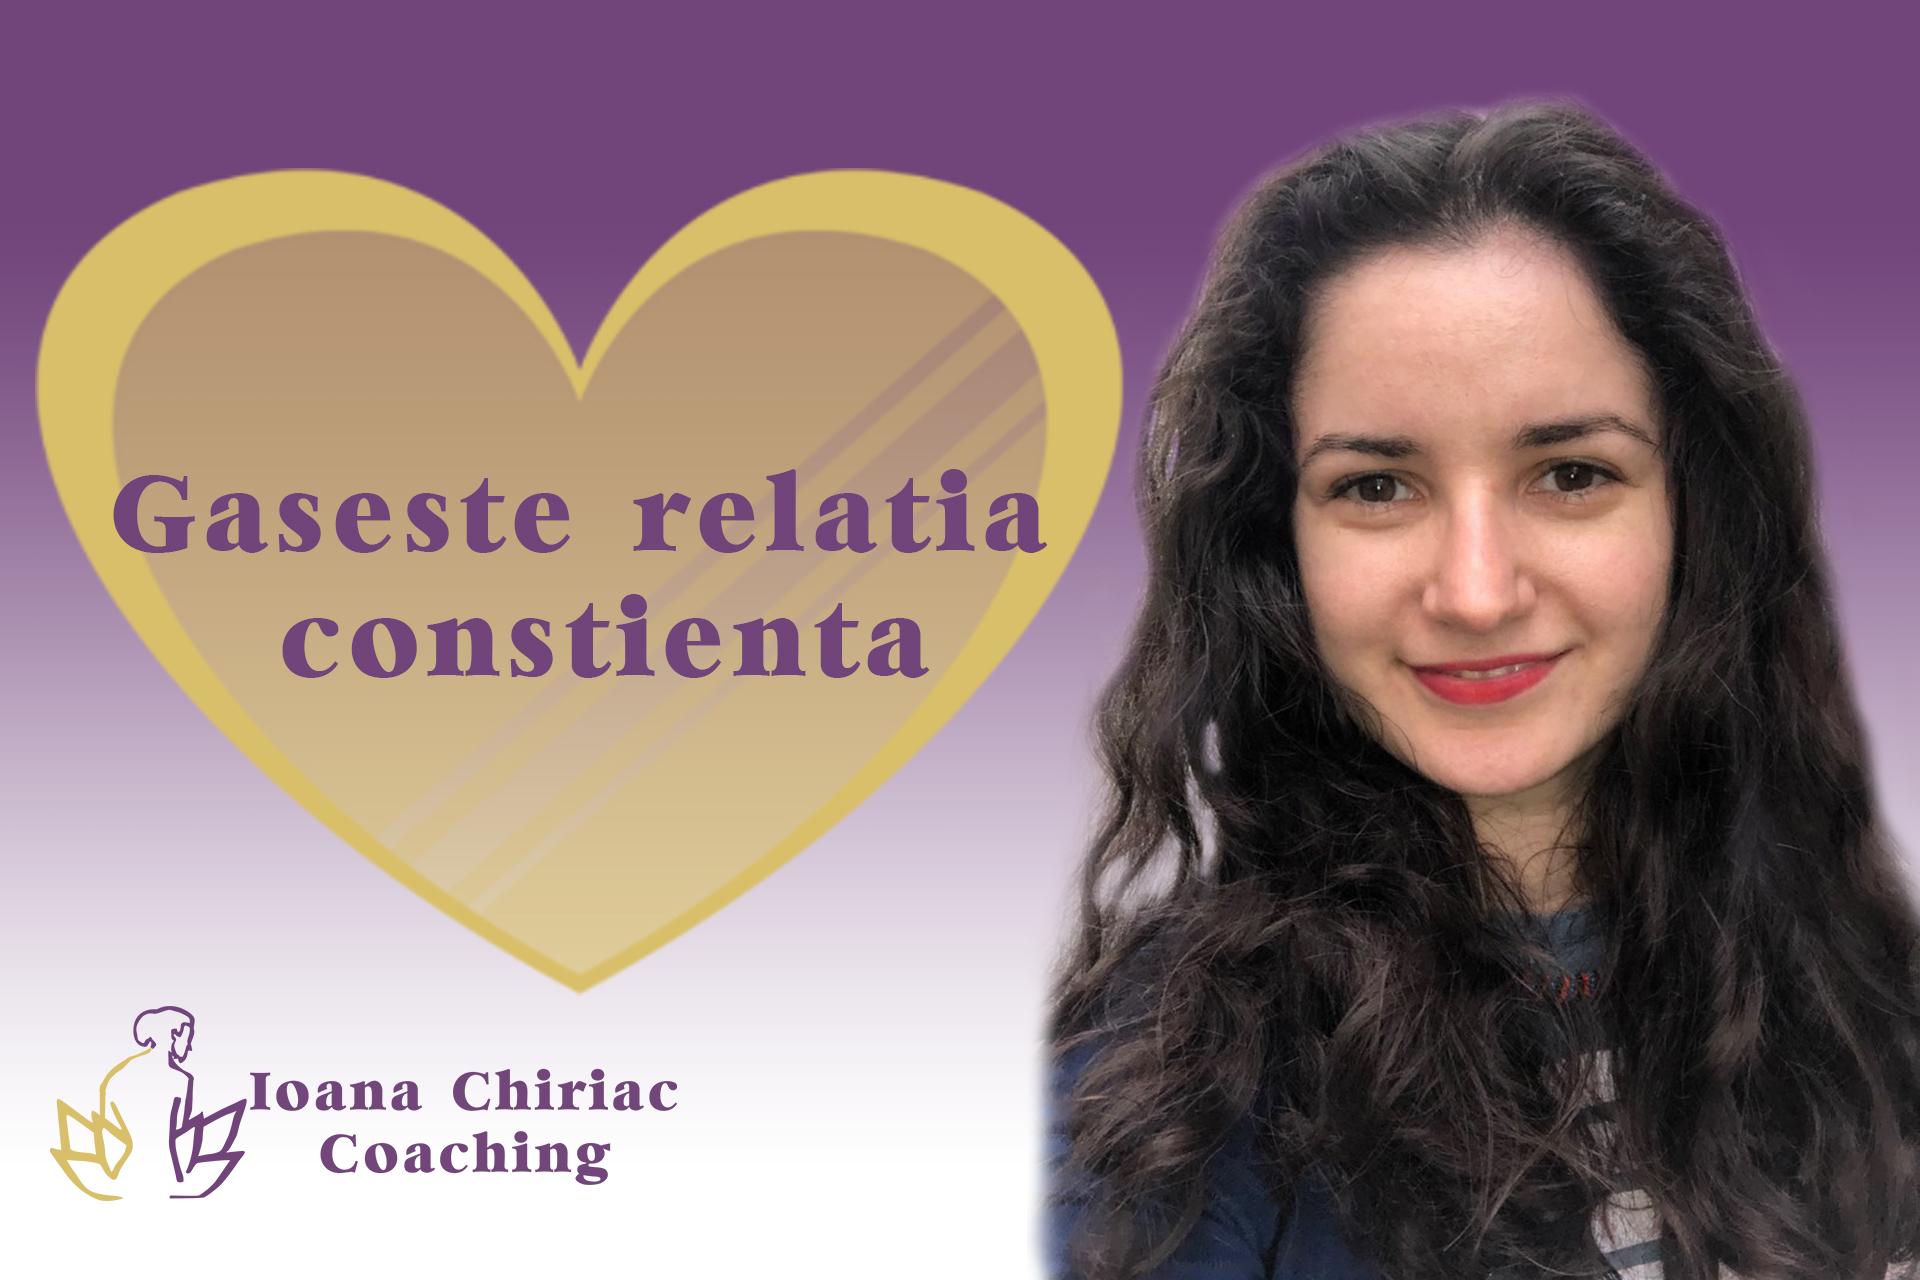 Ioana Chiriac Coaching